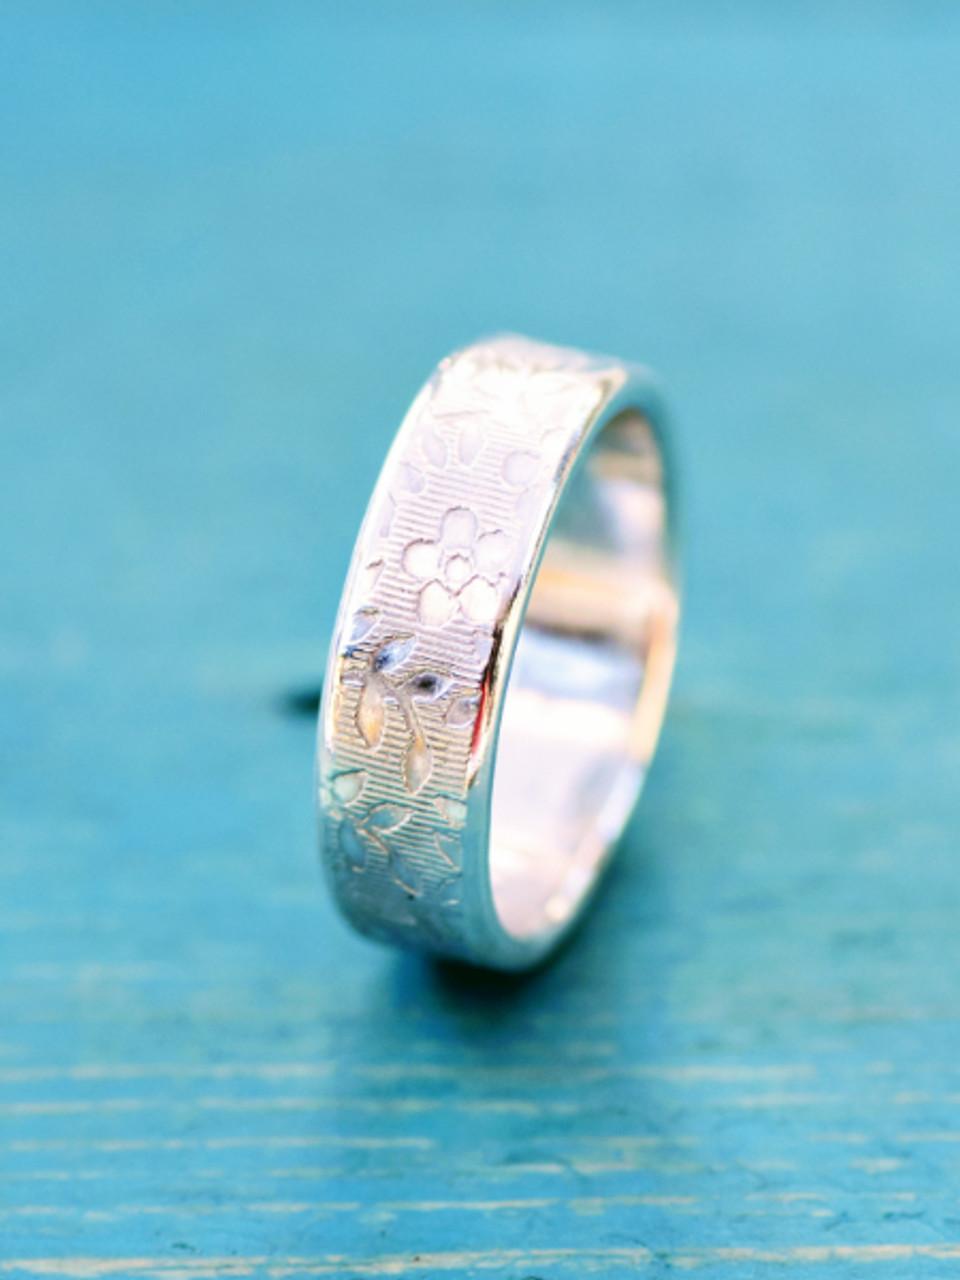 Flower Memorial Ring